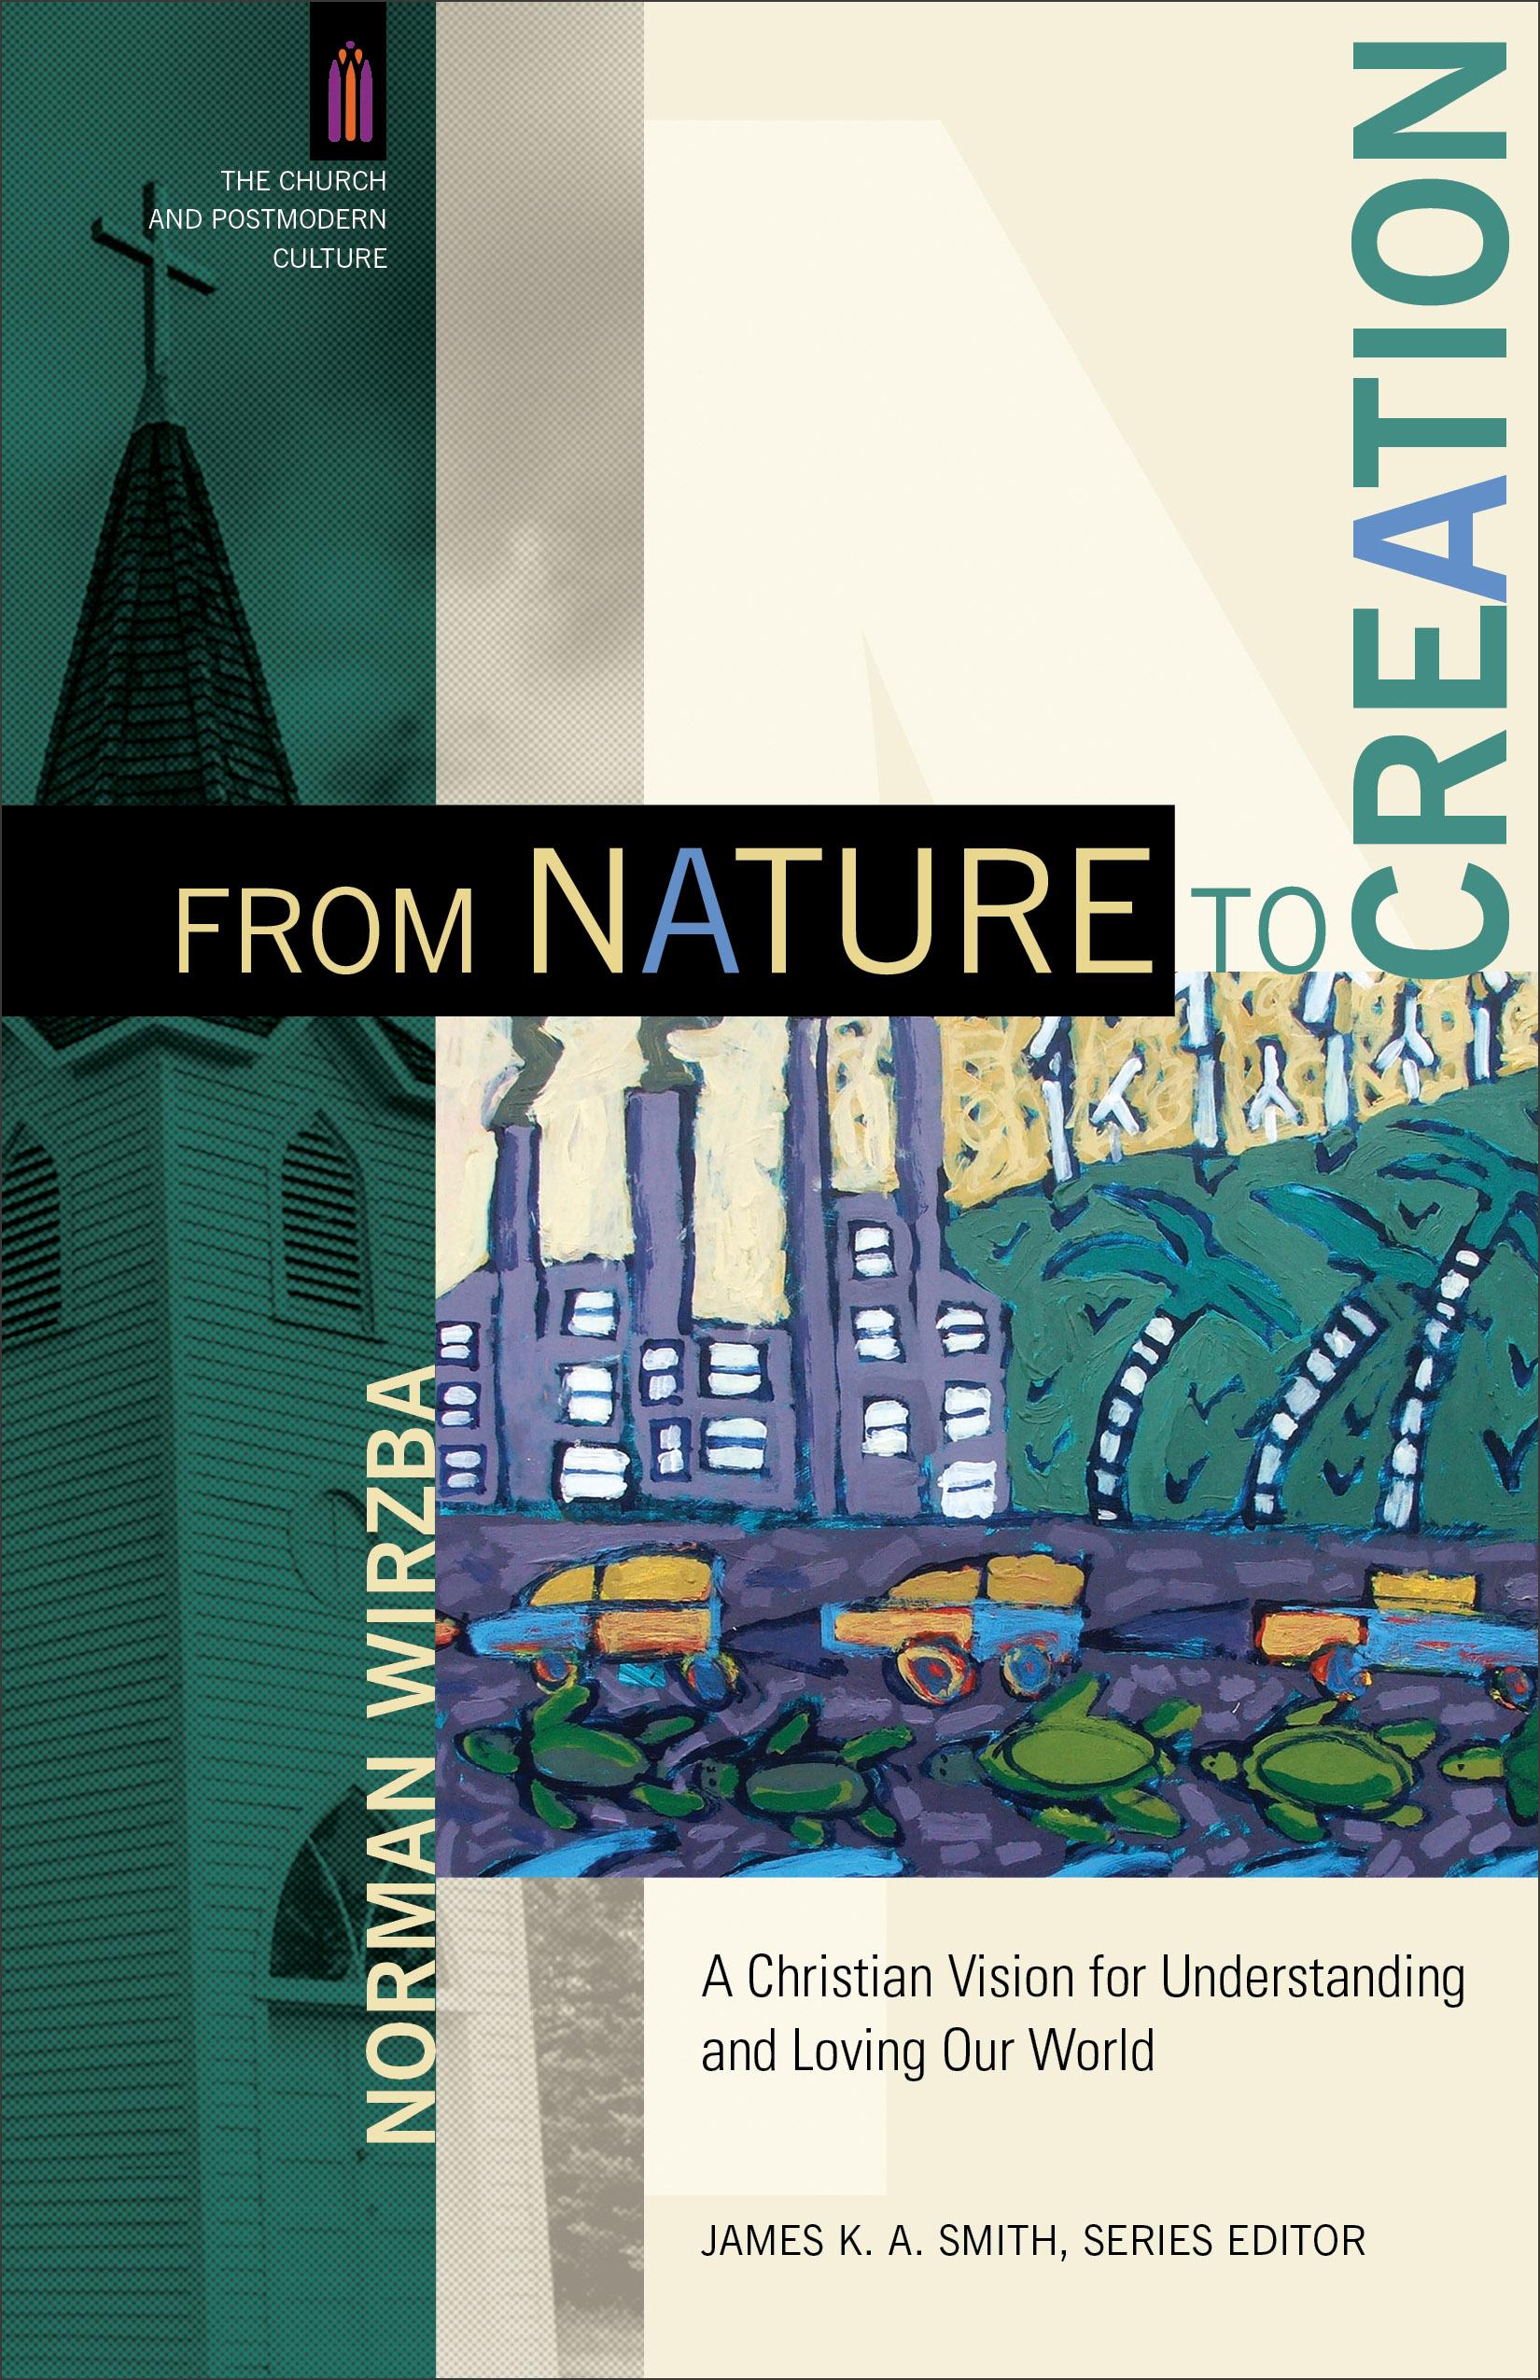 Картинки природы для обложки в мире